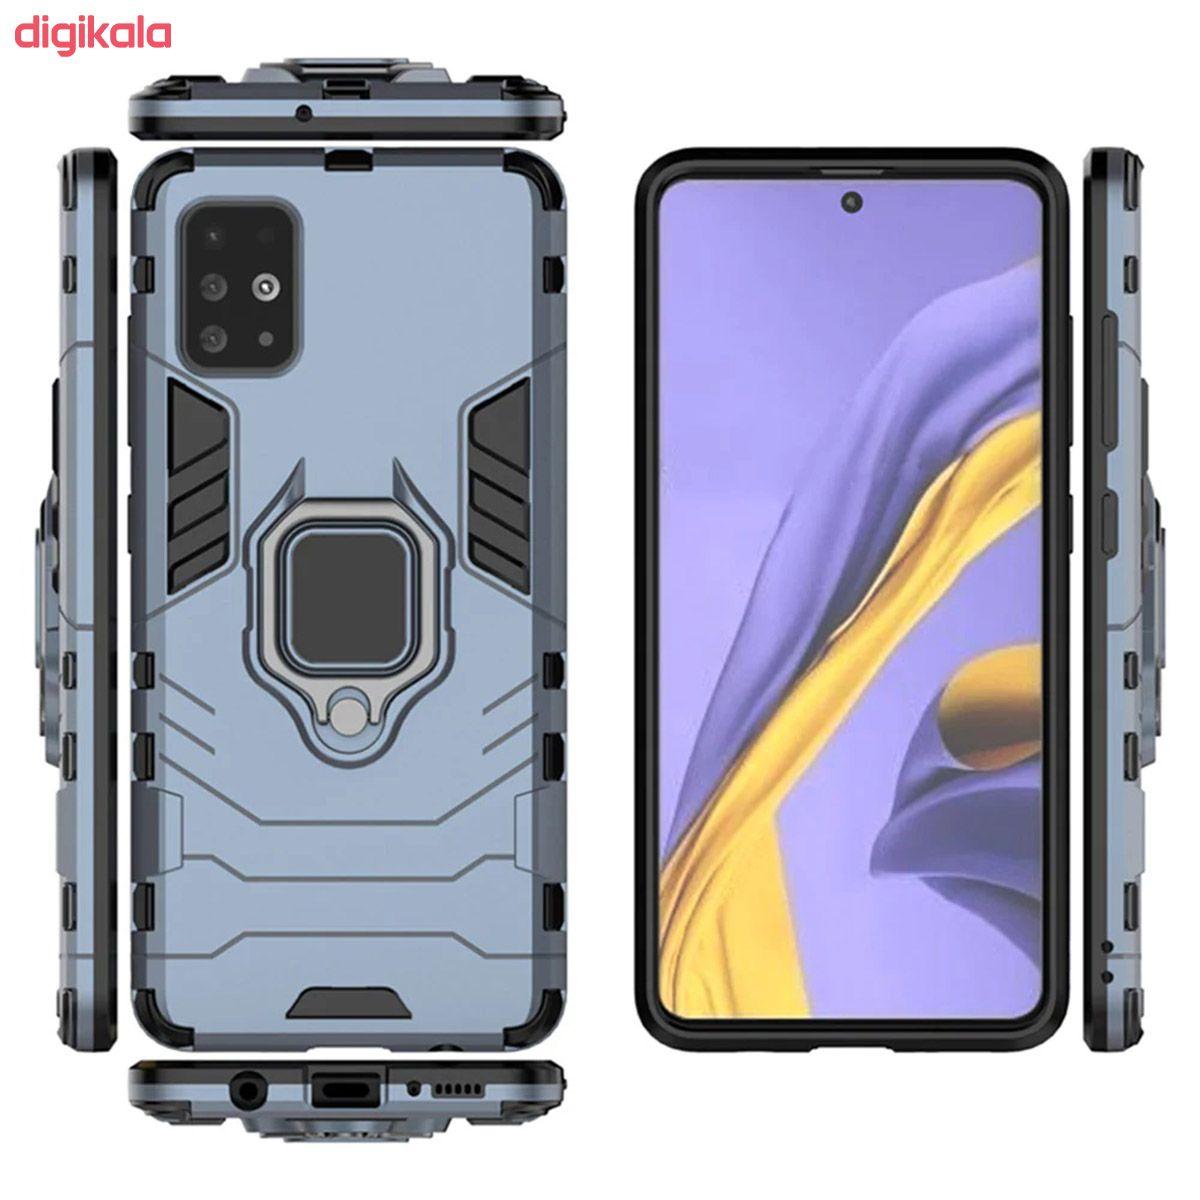 کاور سامورایی مدل ARC-2020 مناسب برای گوشی موبایل سامسونگ Galaxy A71 main 1 5